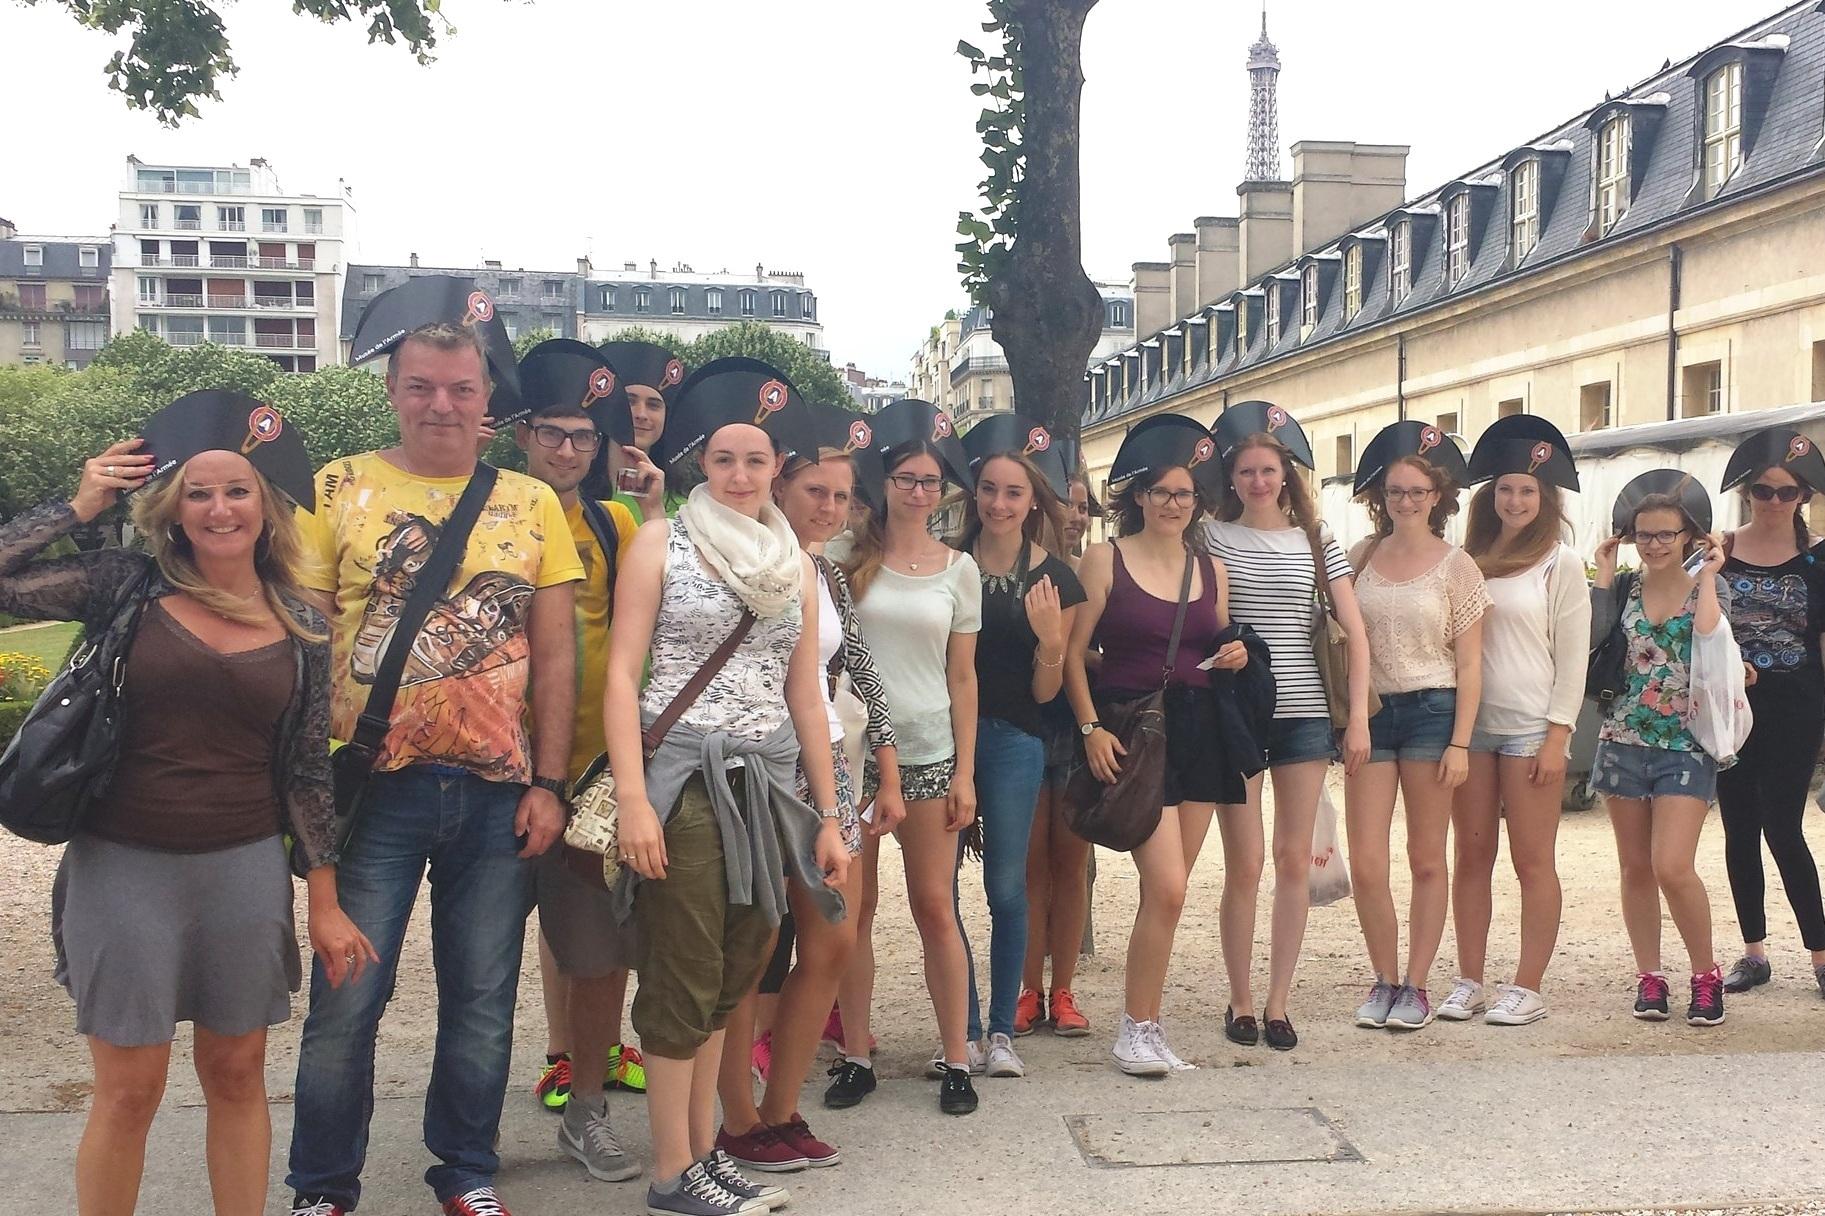 Ifb international - Hier findest du ein paar Eindrücke von Klassenfahrten nach Paris, London, Dublin und in andere europäische Städte.